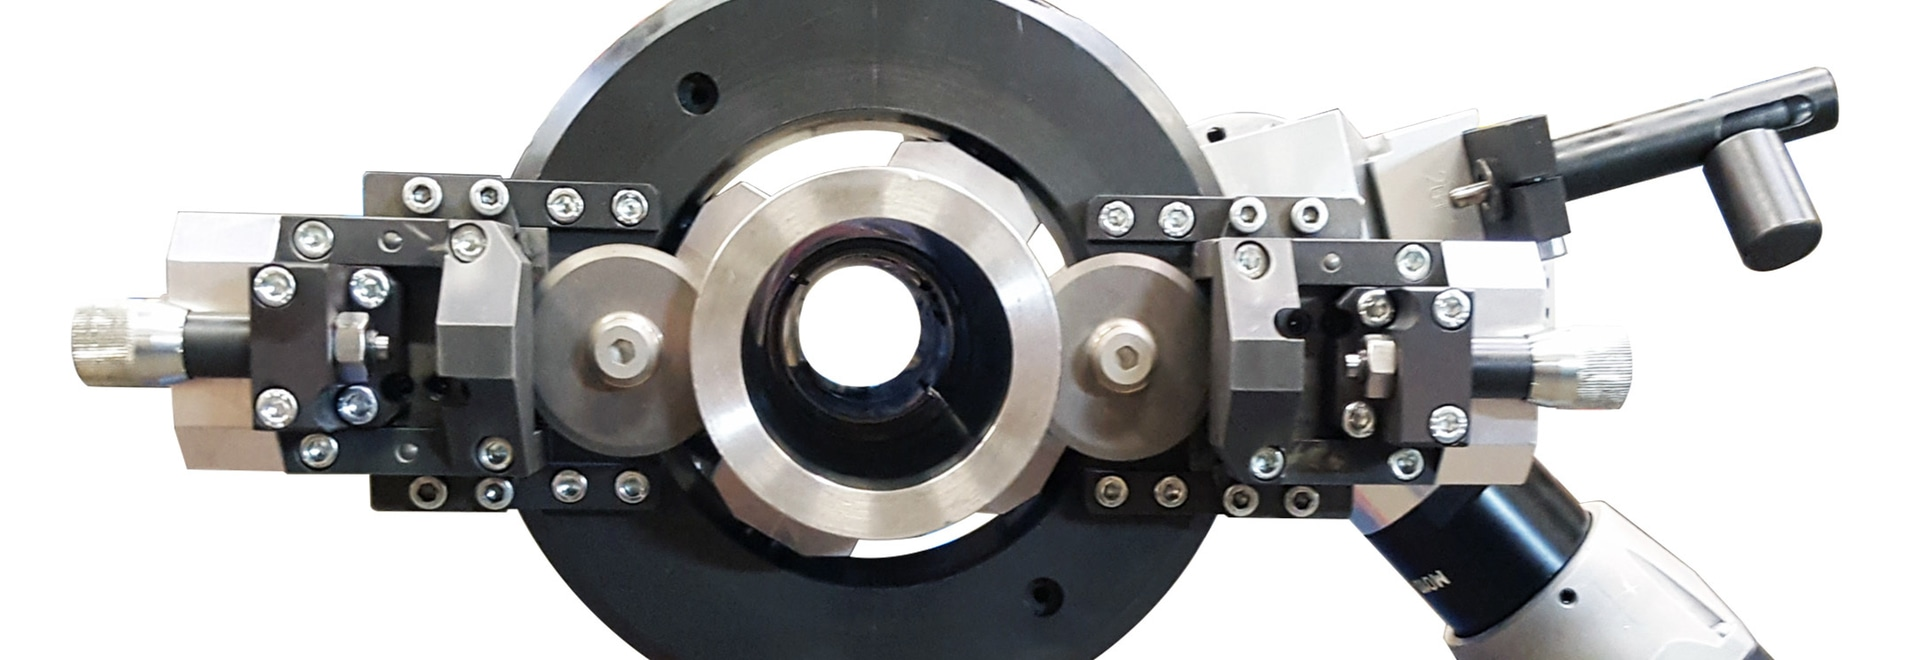 TTS-NG – Orbital Tube Cutting & Beveling | Split-frame clamshells